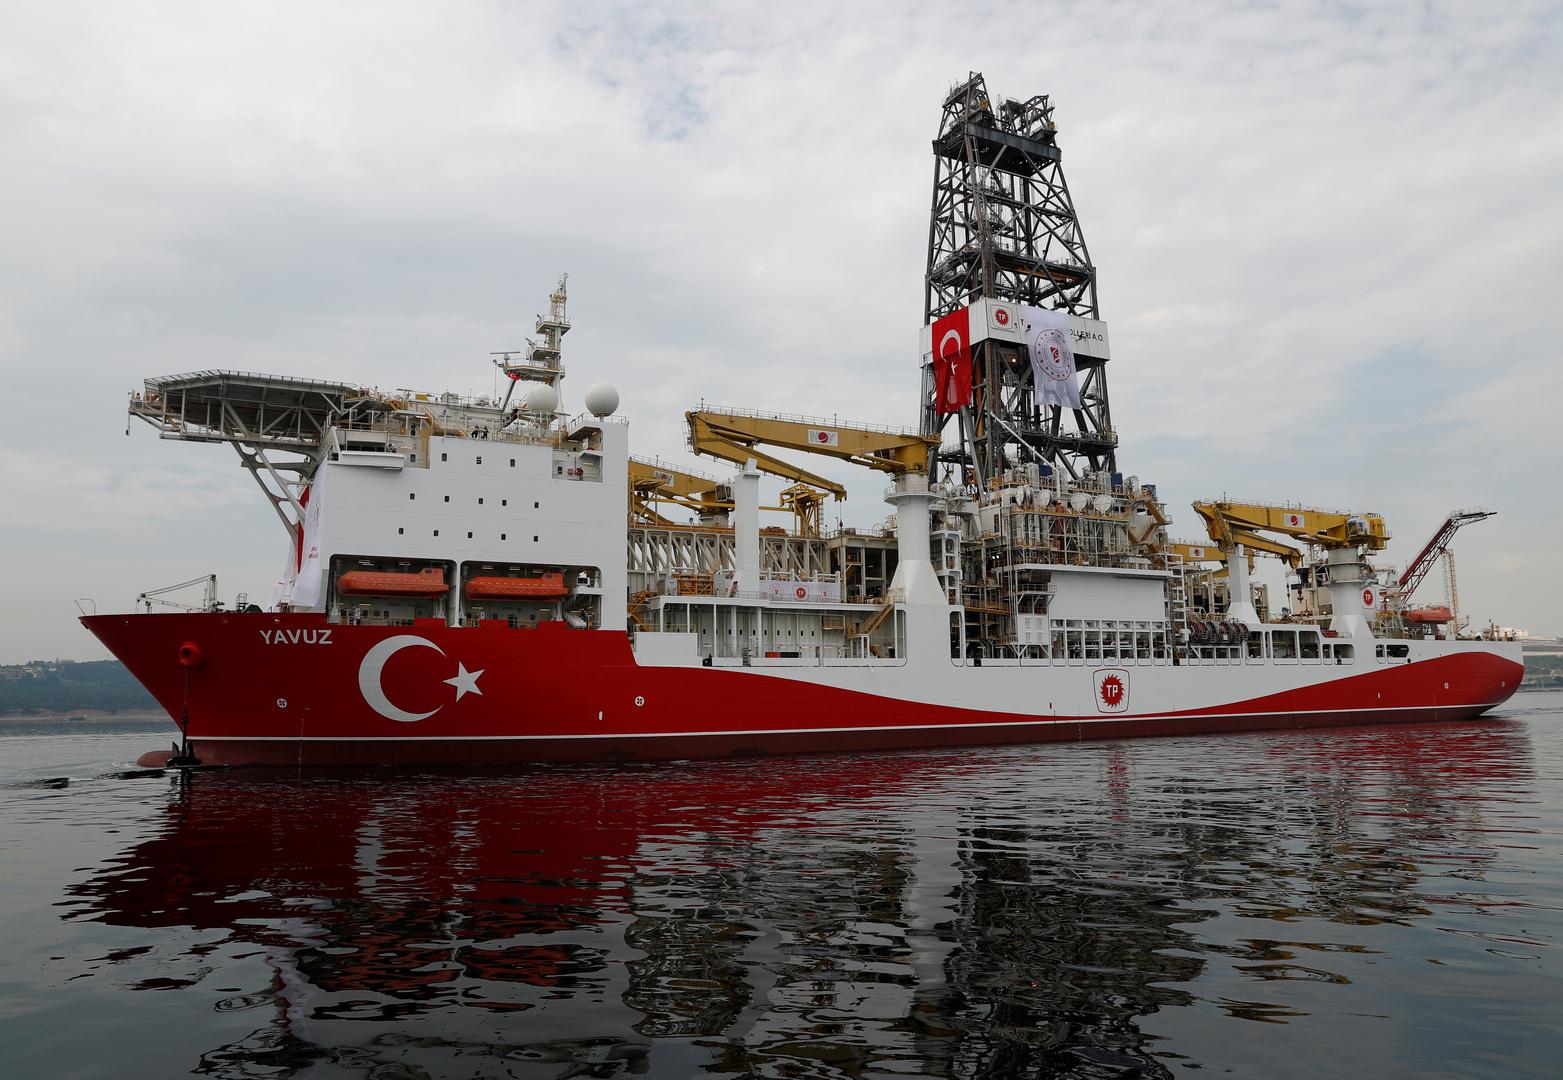 قبرص تتراجع عن اتهامها لتركيا بسرقة بيانات للتنقيب في شرق المتوسط